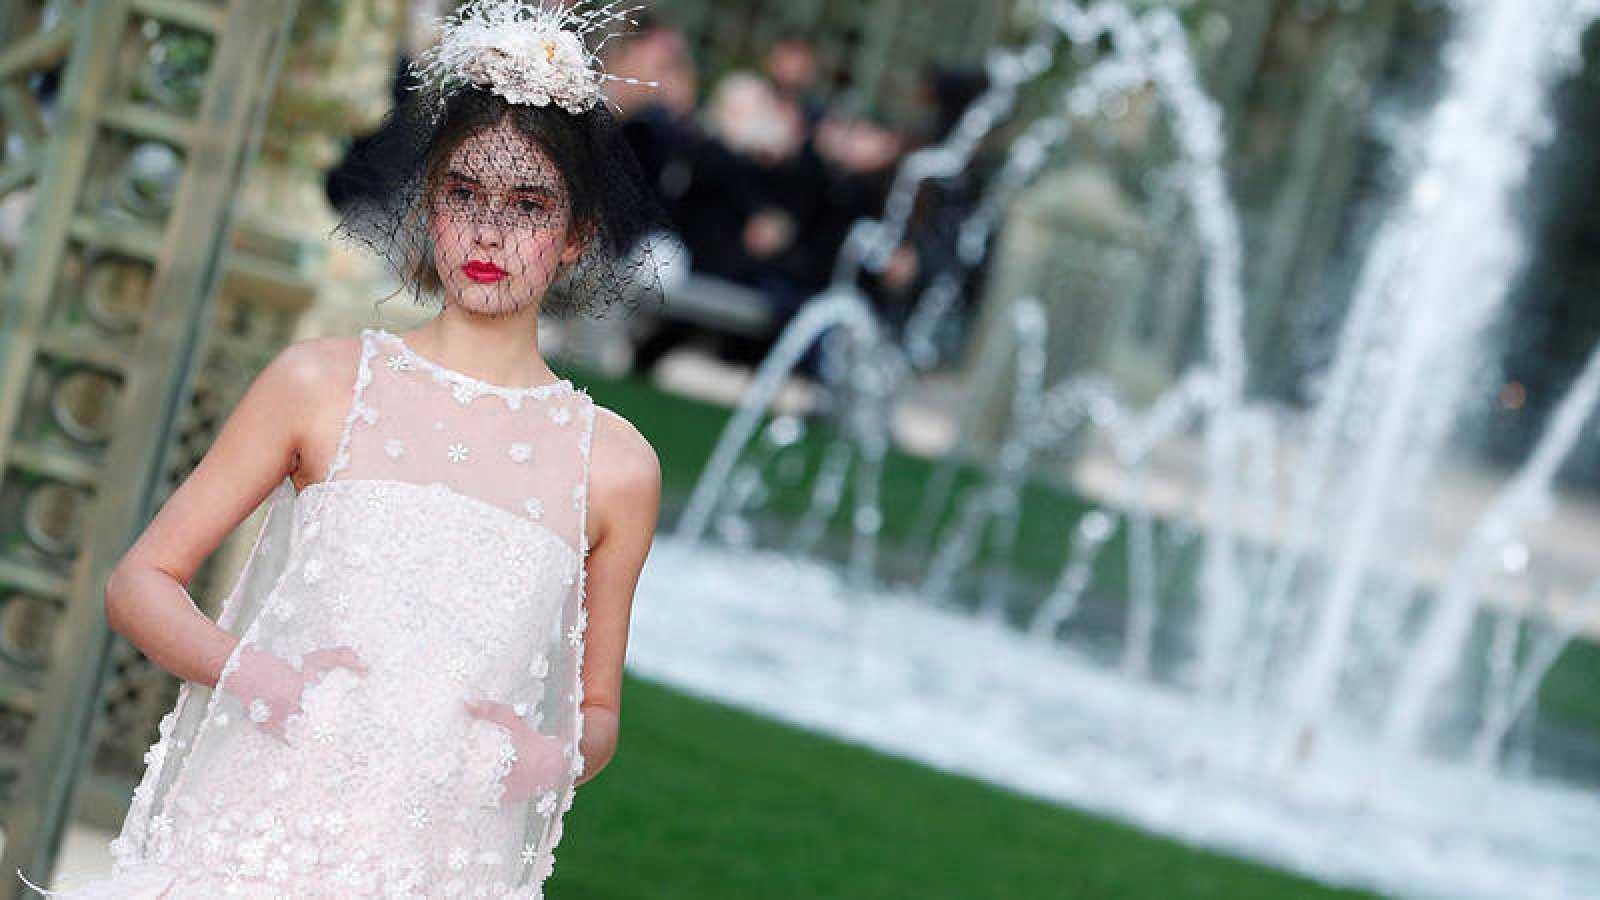 Chanel Se Inspira En La Belleza De Las Flores Y La Delicadeza Del Agua